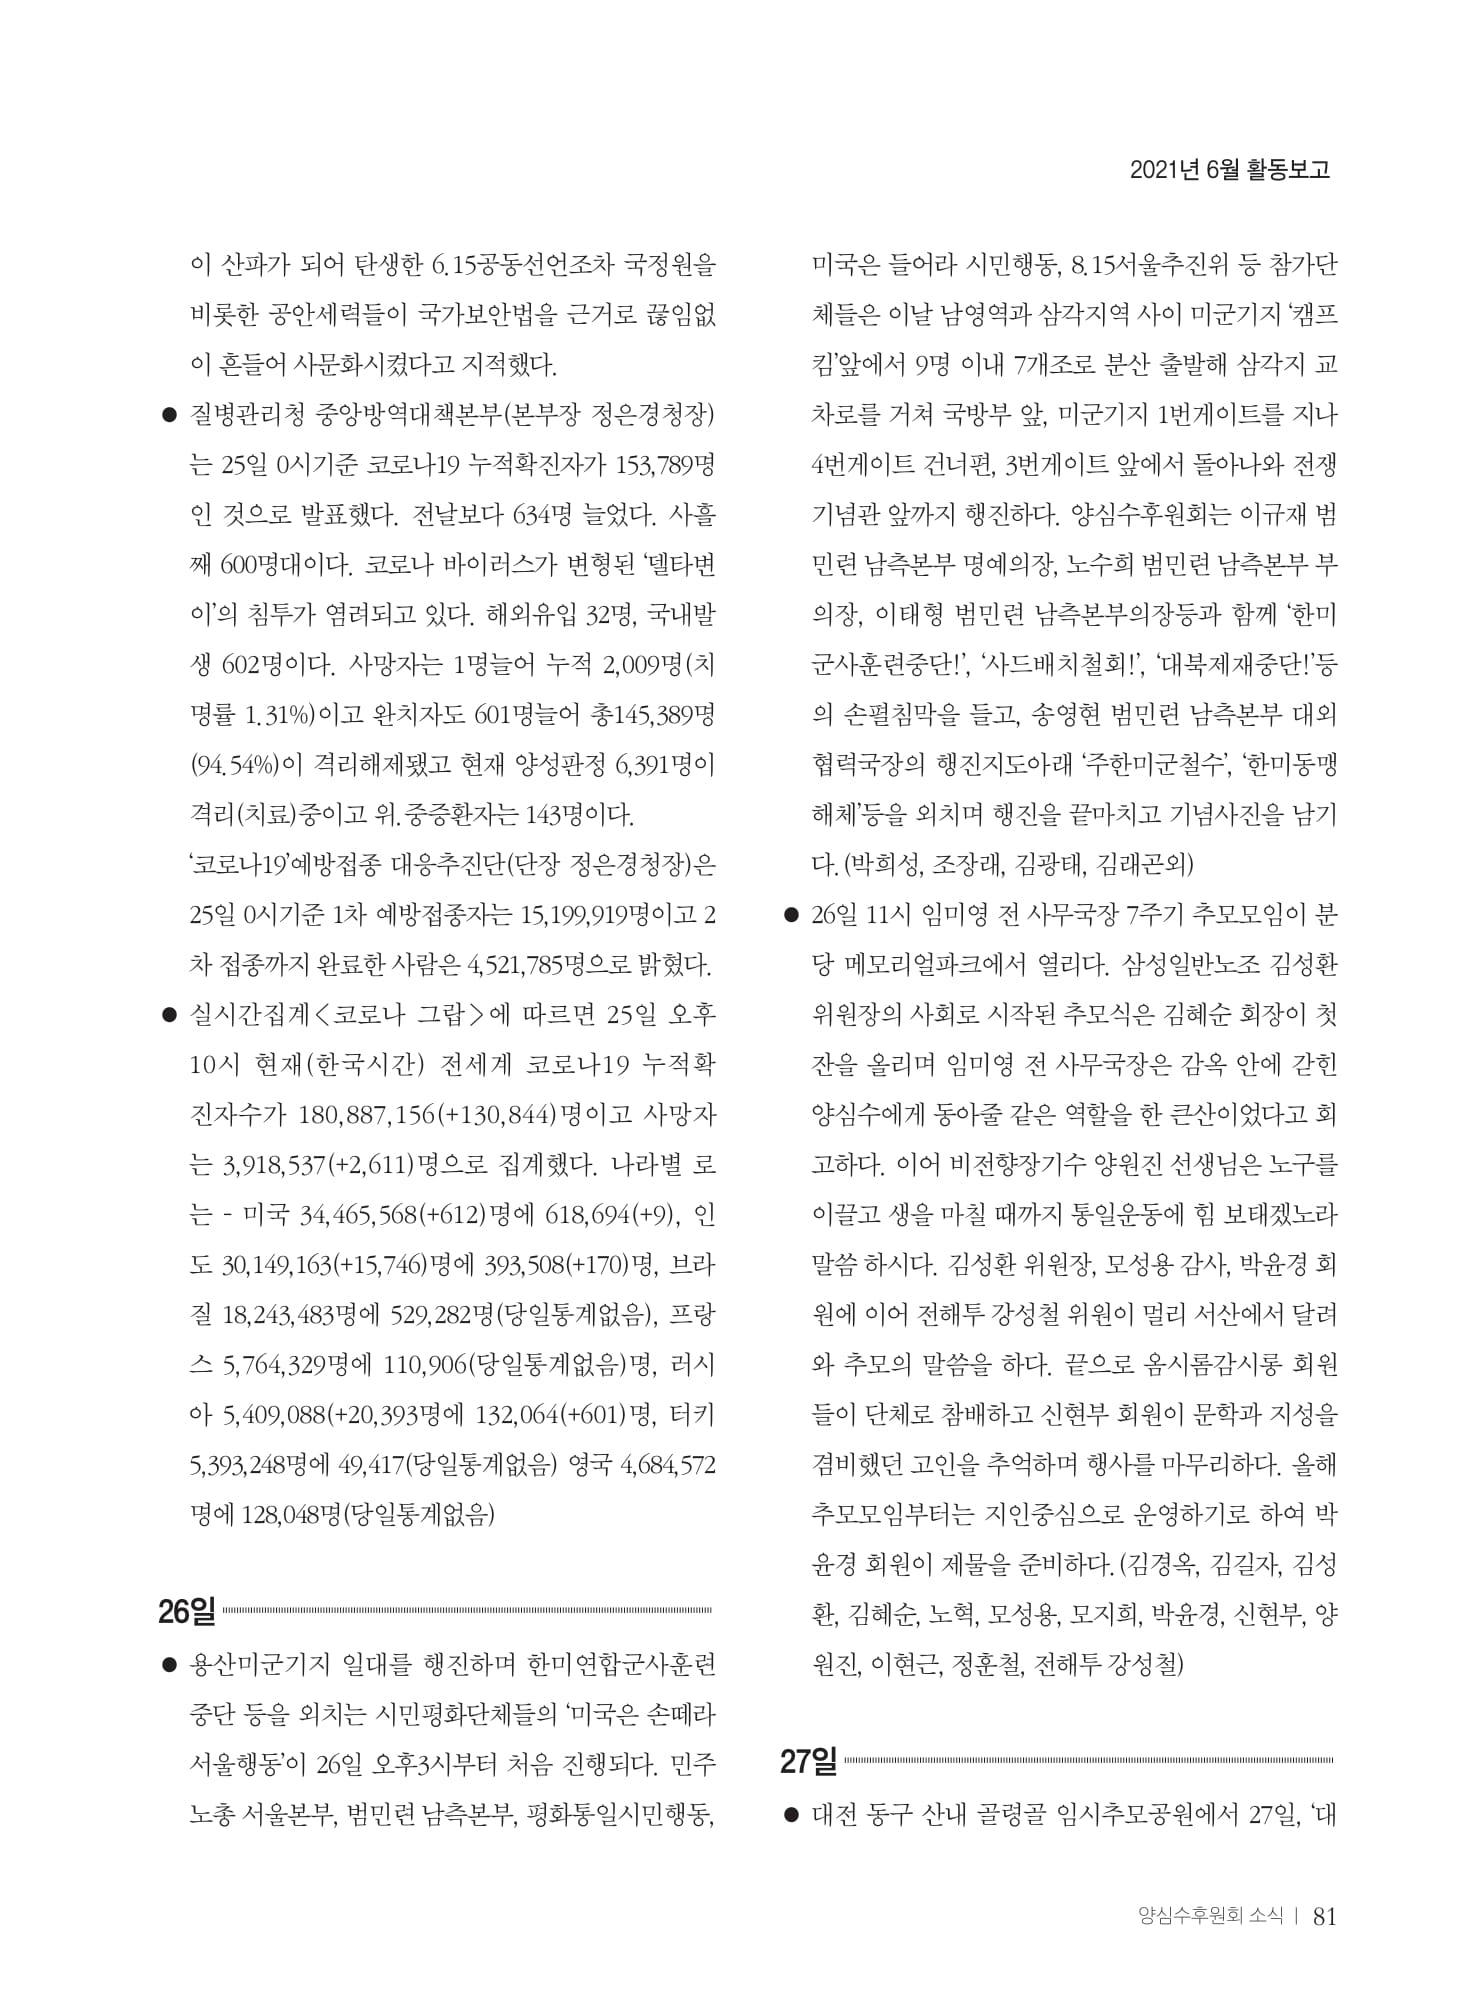 [양심수후원회] 소식지 354호 web 수정-83.jpg